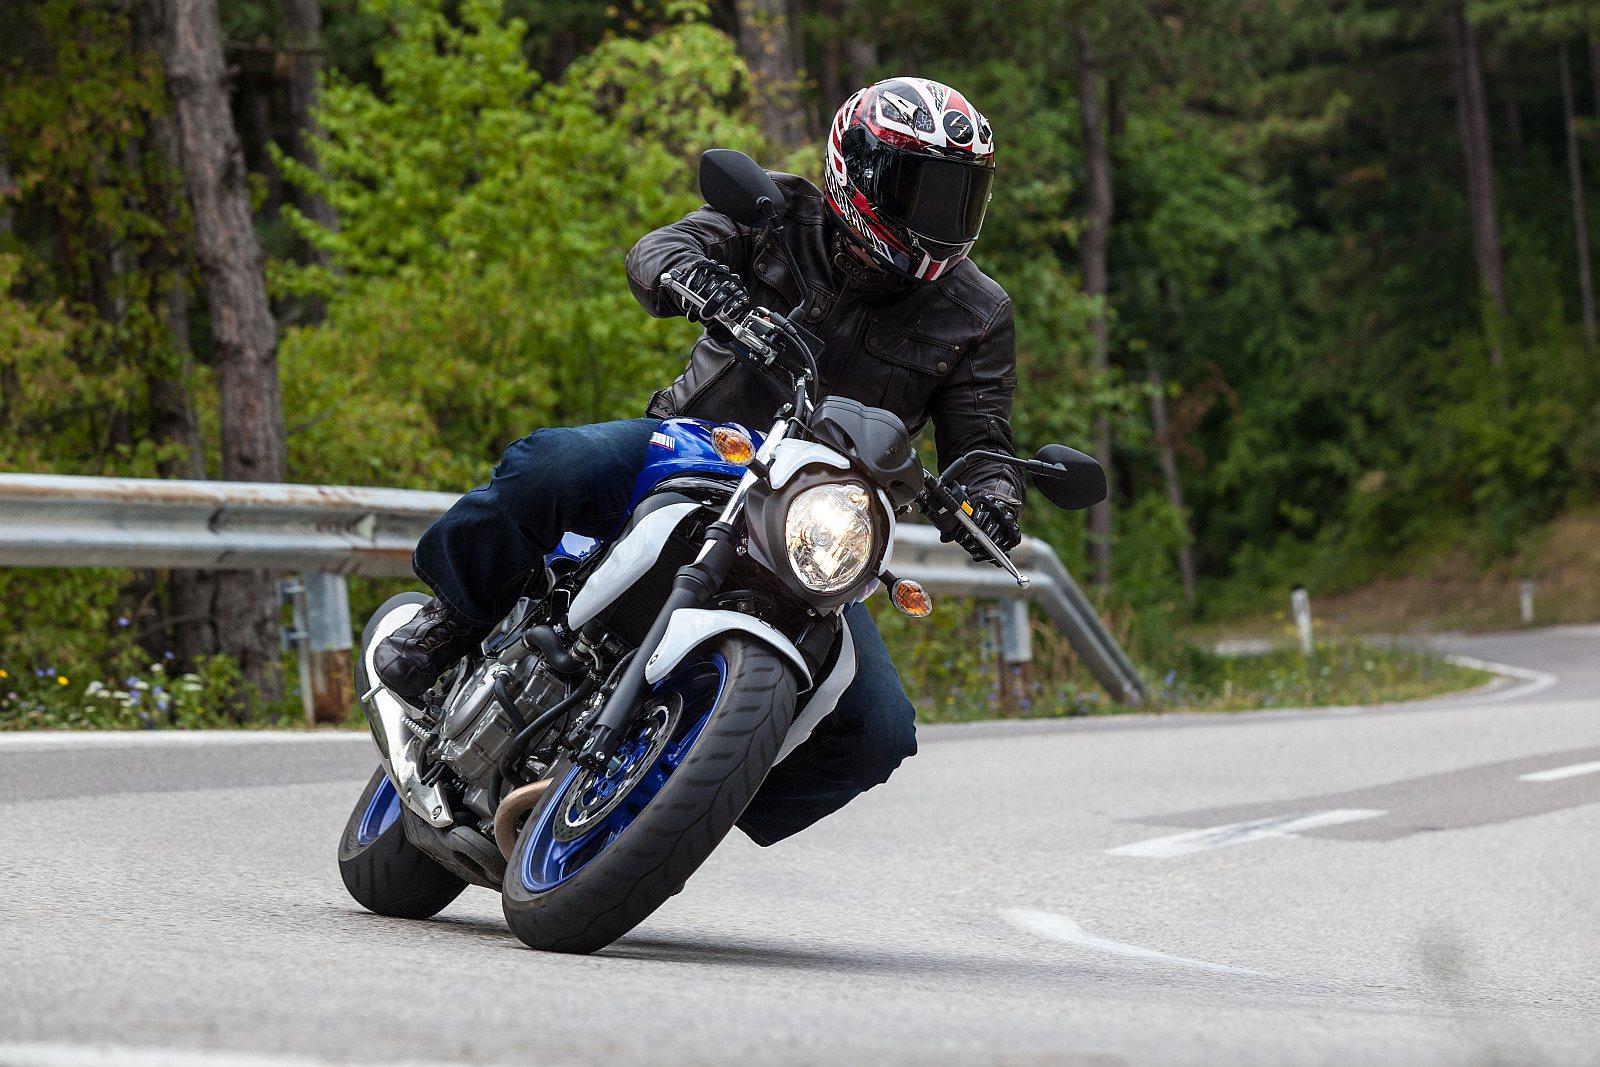 http://www.motorrad-bilder.at/slideshows/291/010144/suzuki_sfv_650_gladius_1.jpg